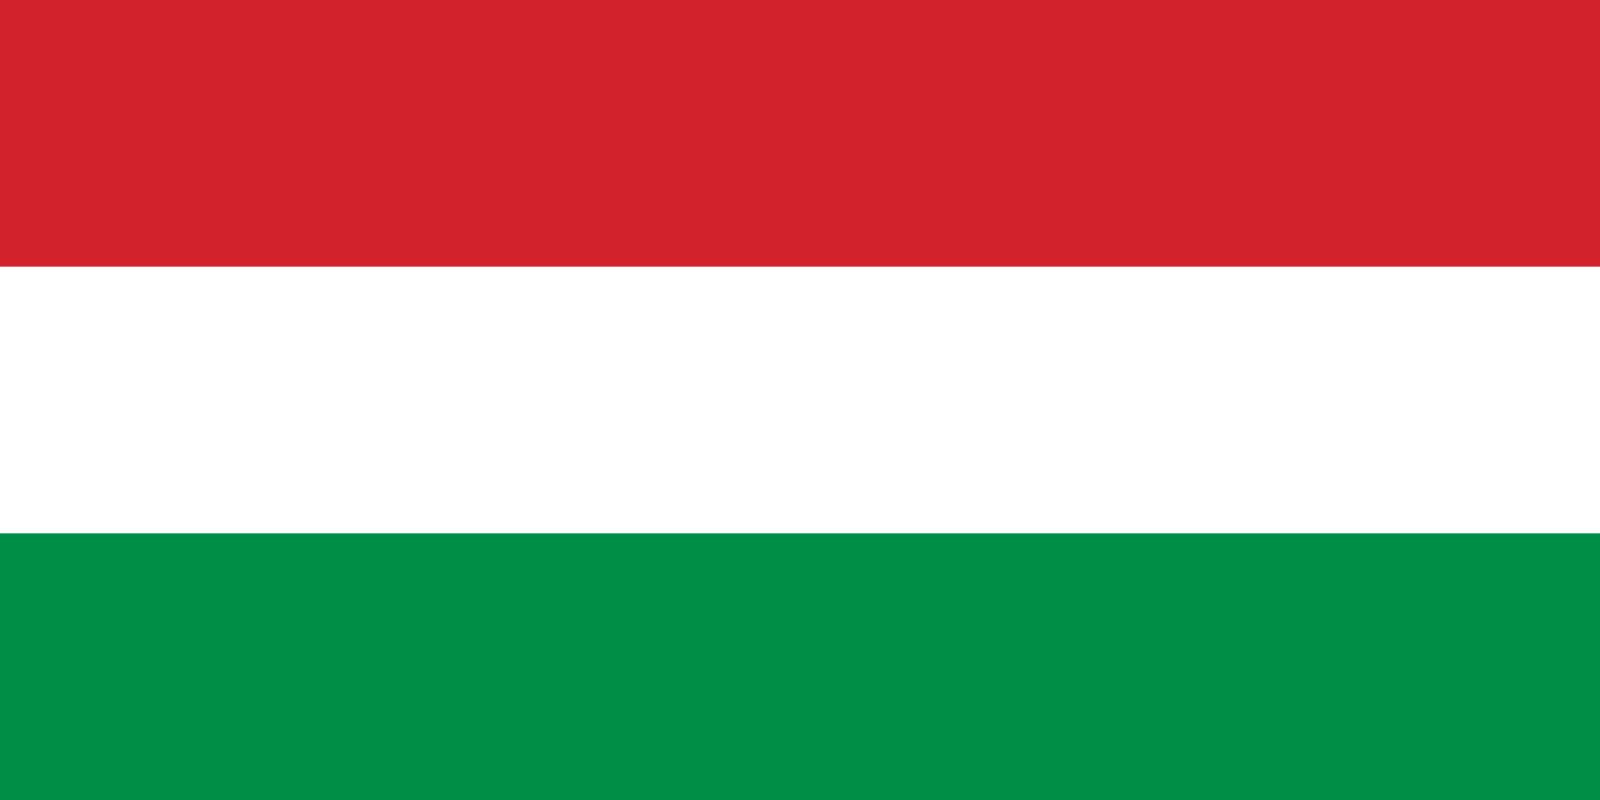 imagenes de banderas hd121 200 Imágenes de Banderas en HD (Wallpapers)